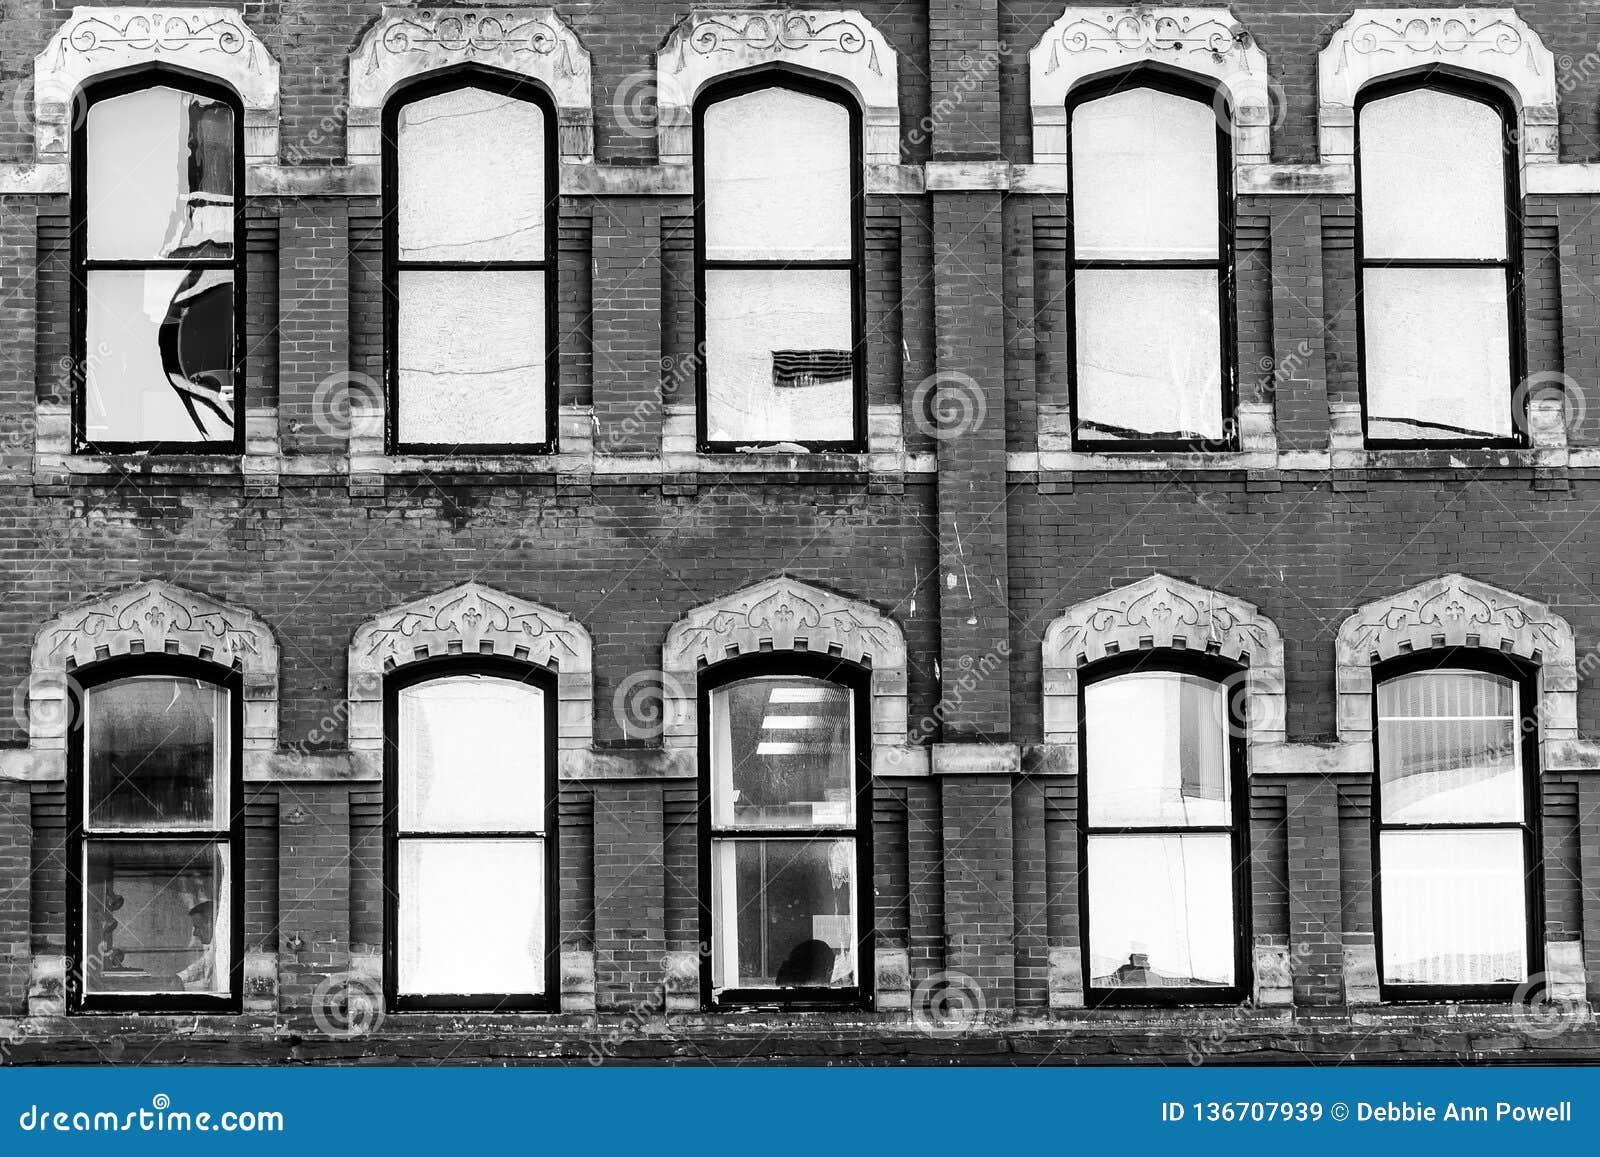 Vintage architecture design details on commercial building